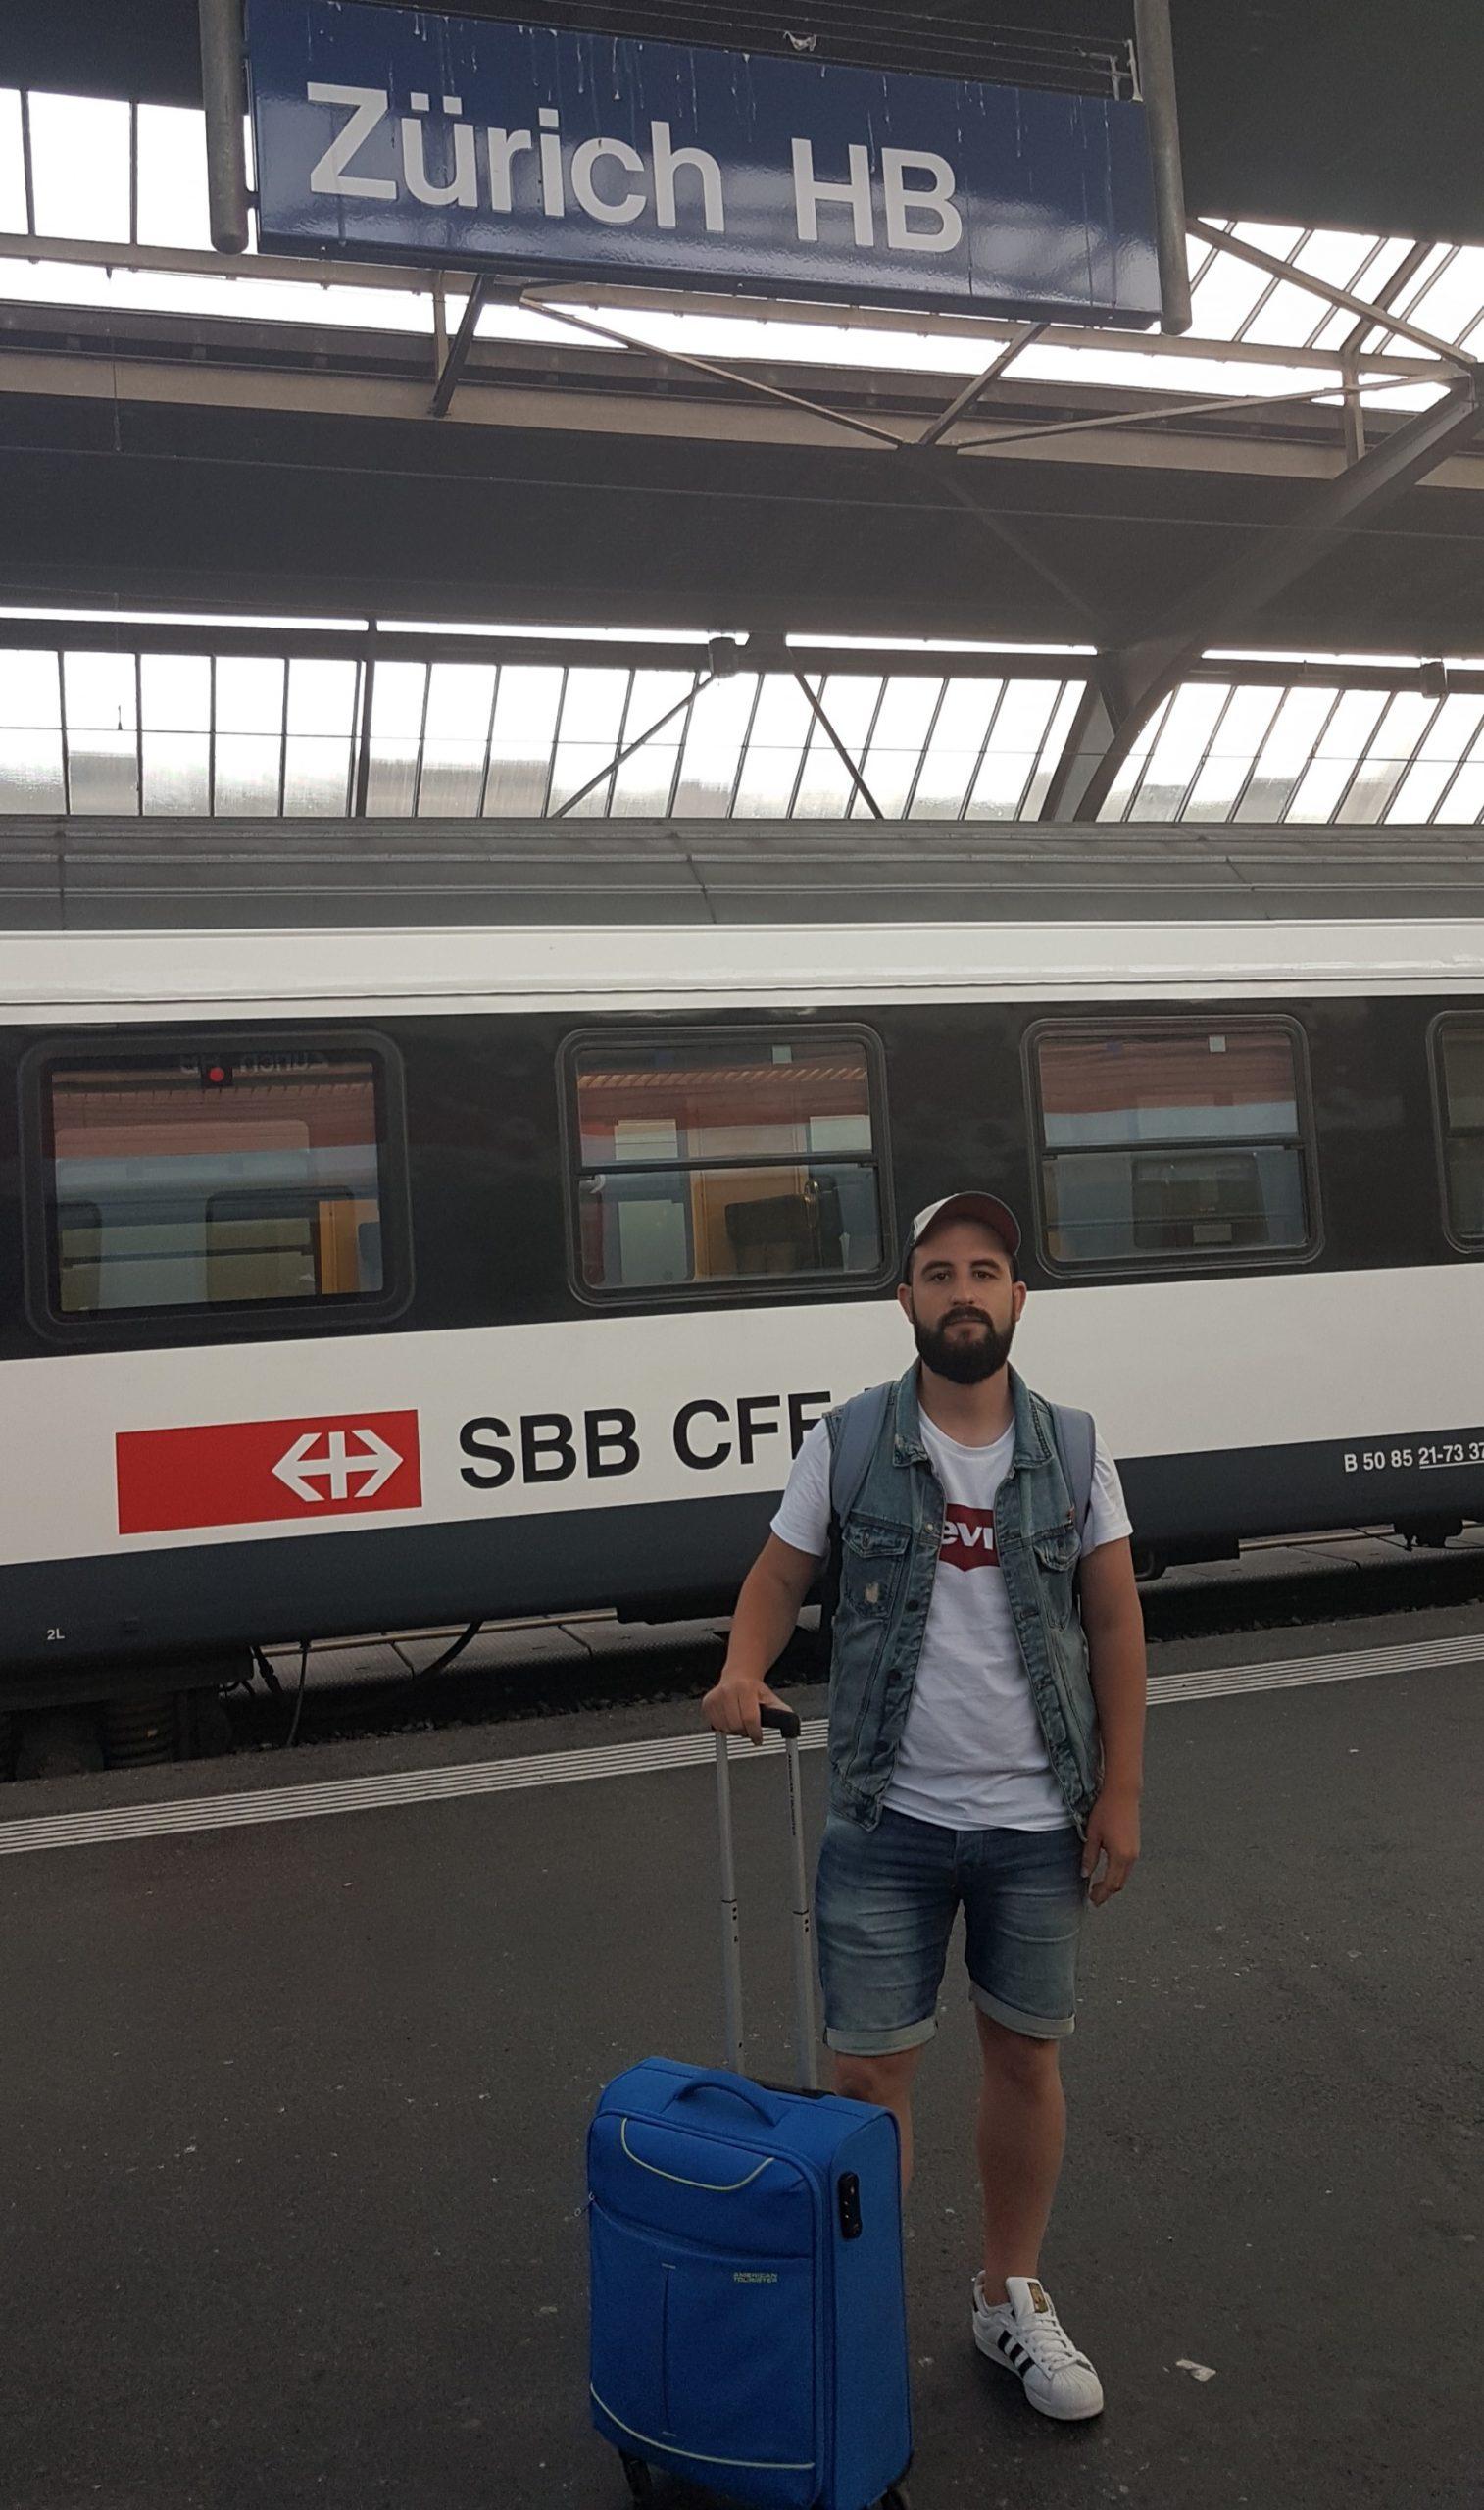 Cartel de la estación de Zurich